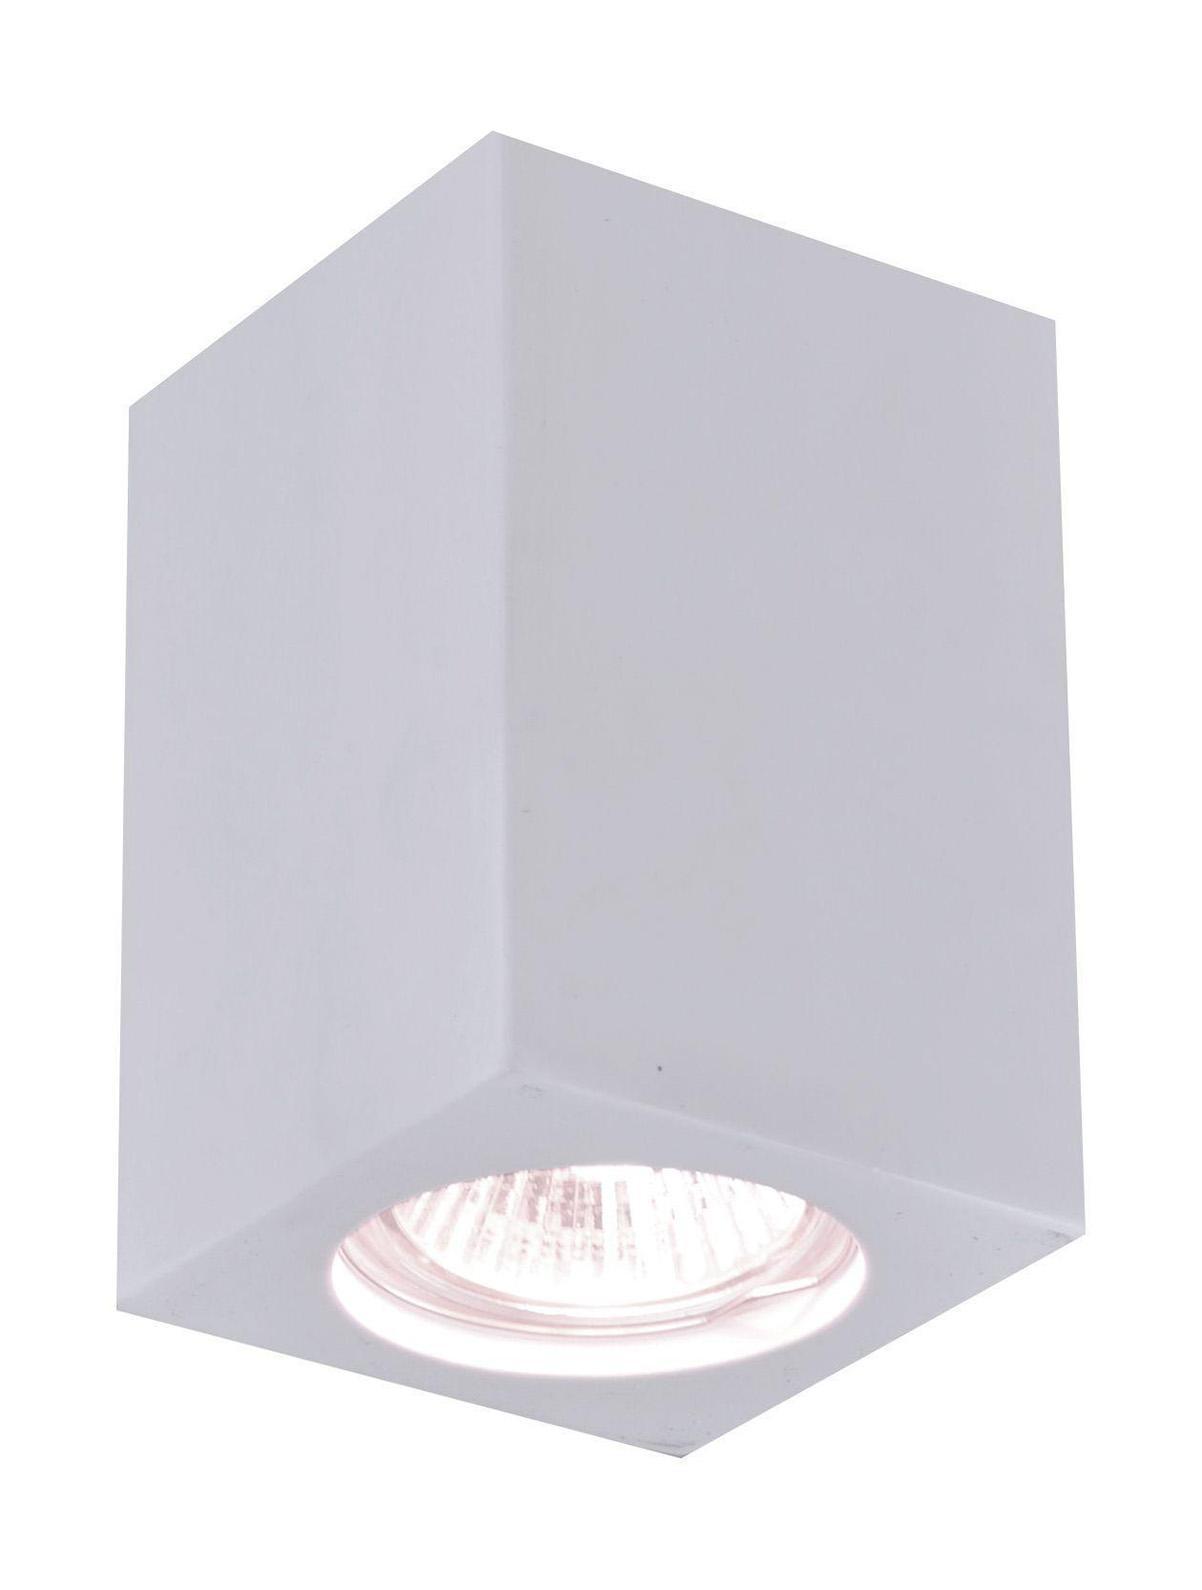 A9264PL-1WH TUBO Встраиваемый светильникA9264PL-1WH1xGU10x35W; Светильник можно красить Материал: Арматура: ГипсРазмер: 70x70x90Цвет: Белый